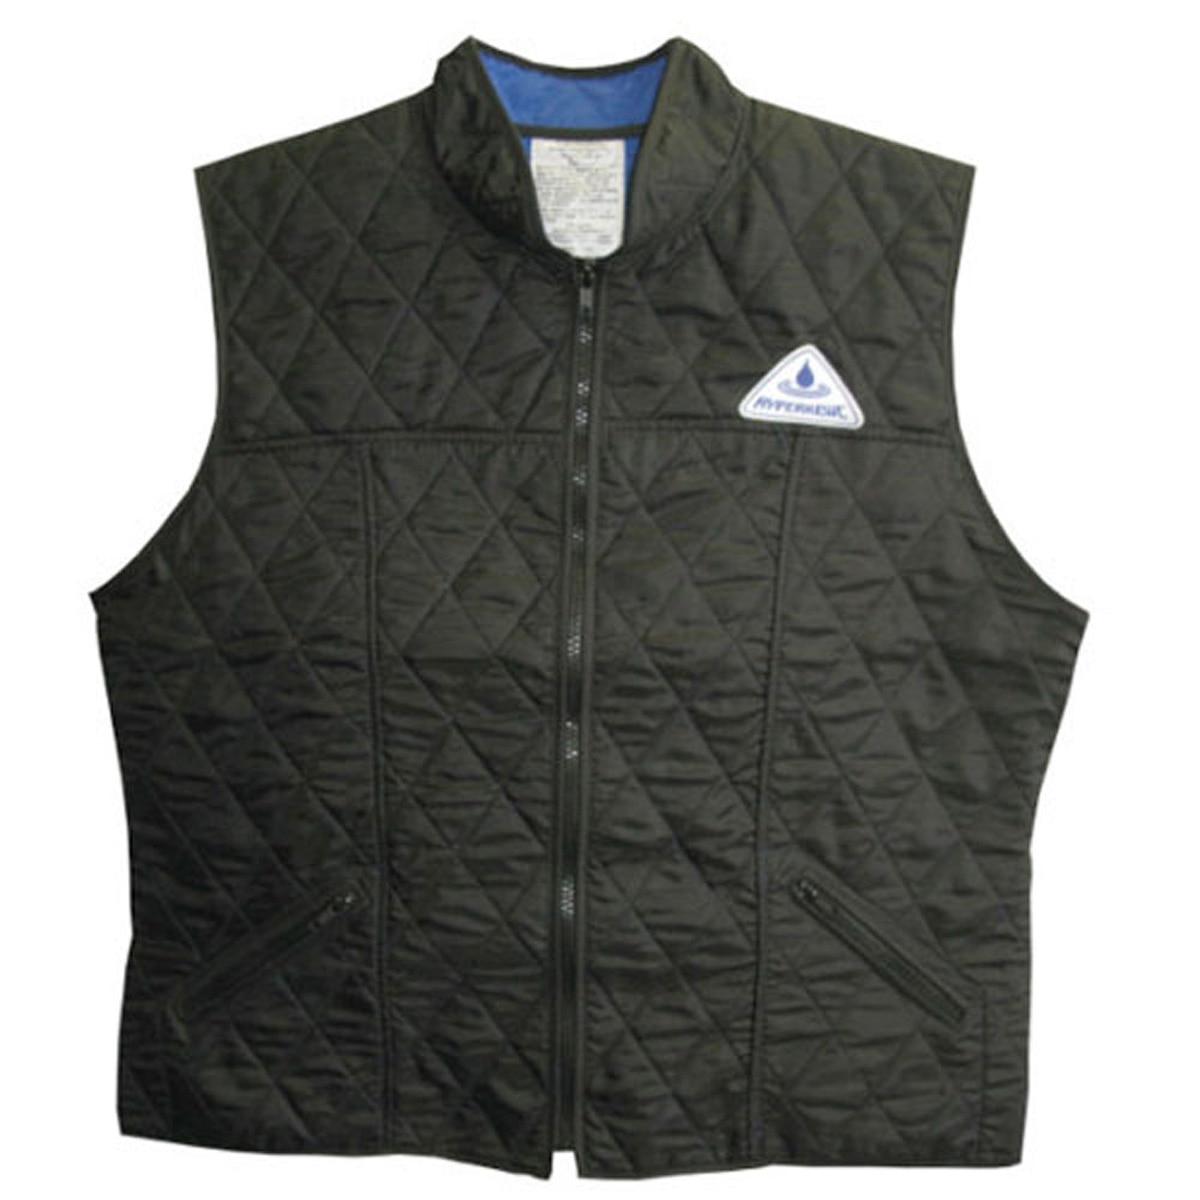 1689003d36c9c HyperKewl Evaporative Cooling Female Vest